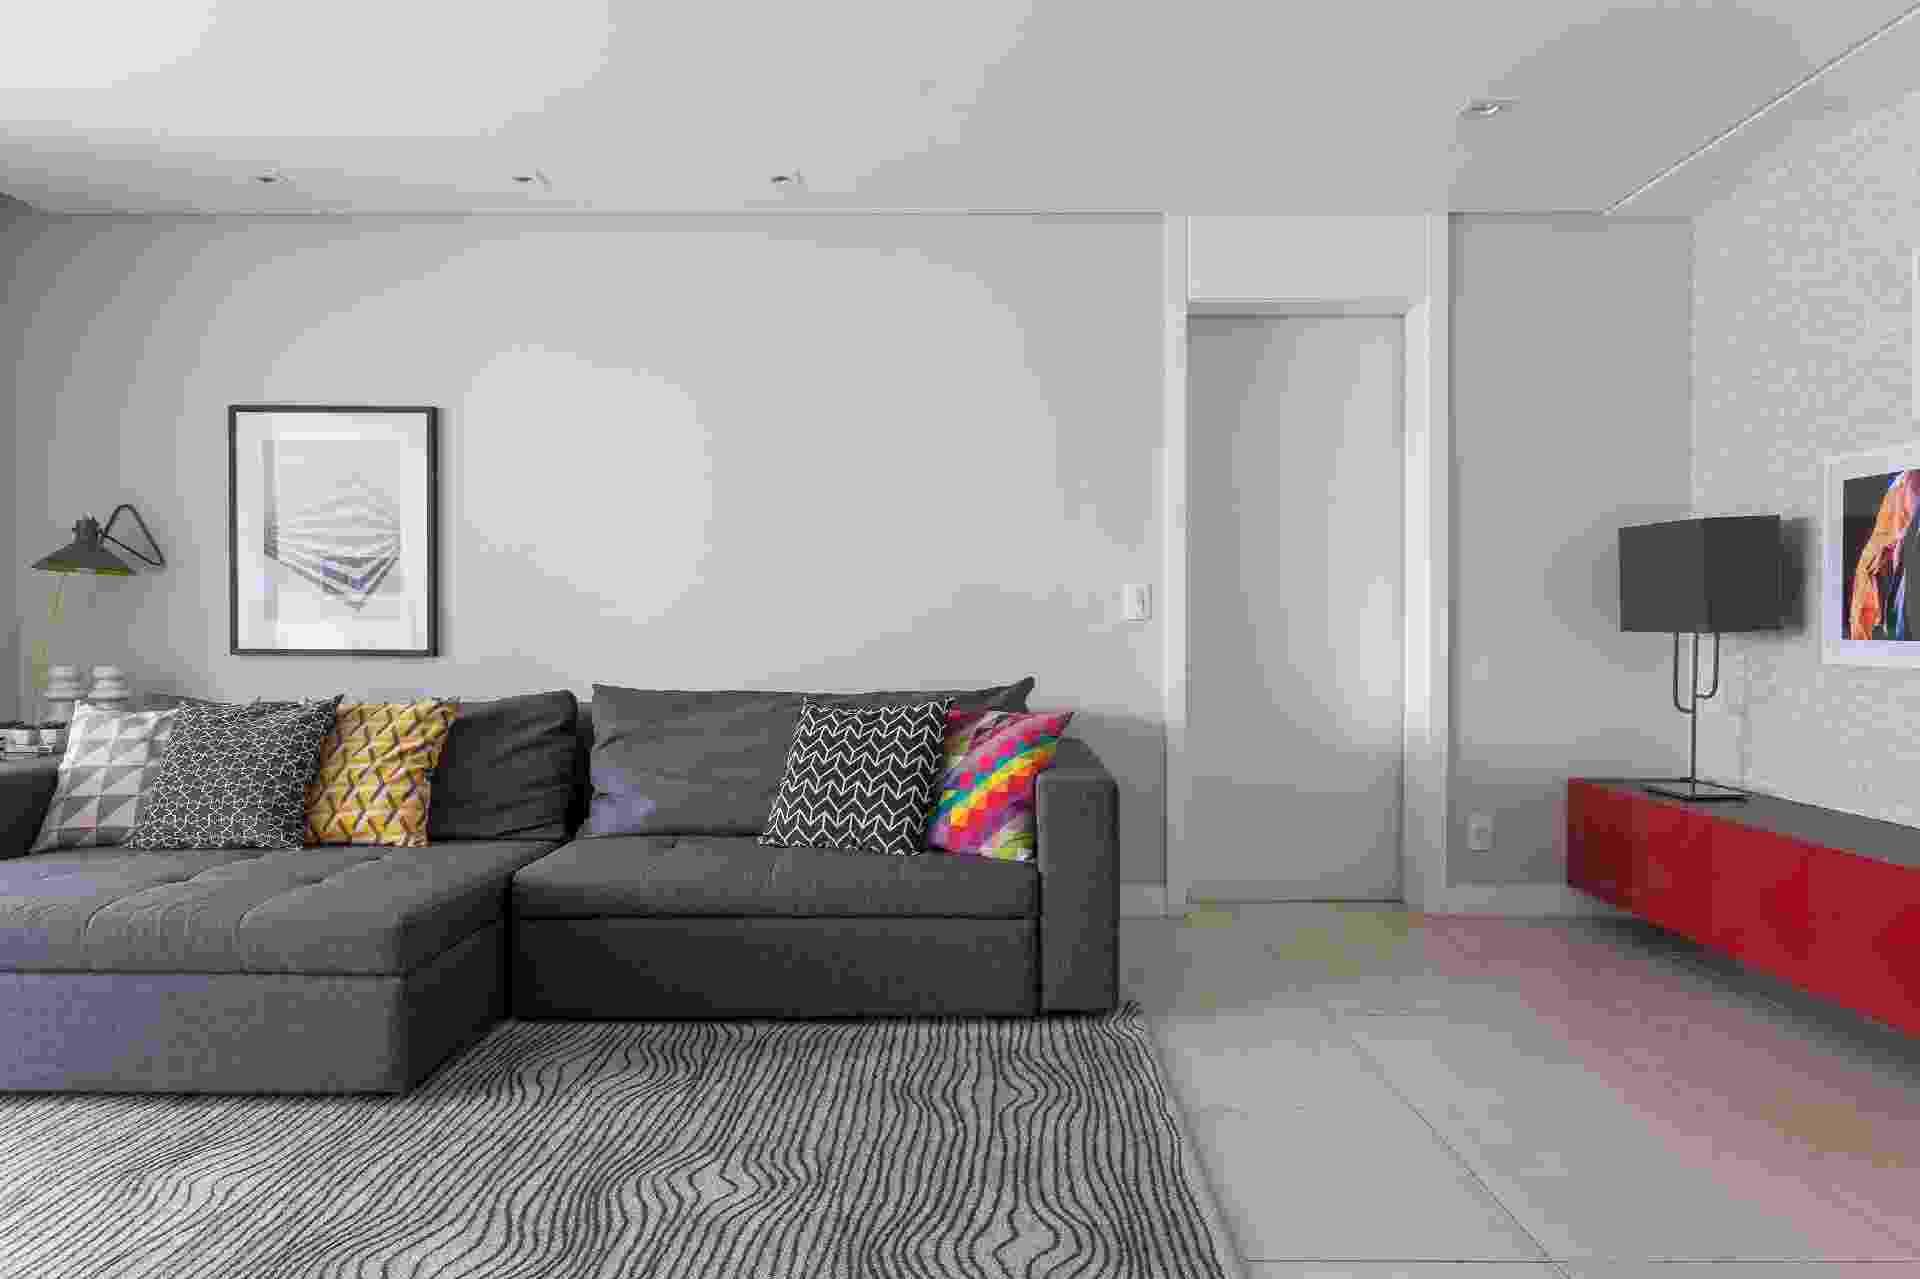 A cor, resultado da combinação preto com branco, é a mais nova aposta de arquitetos e designers de interiores para a decoração. Neutro, permite ser combinado com outros elementos coloridos, mas tem a vantagem de agregar personalidade ao ambiente e não evidenciar marcas na parede com facilidade. Projeto: Anna Parisi Arquitetura + Design - Alessandro Guimarães/ Divulgação